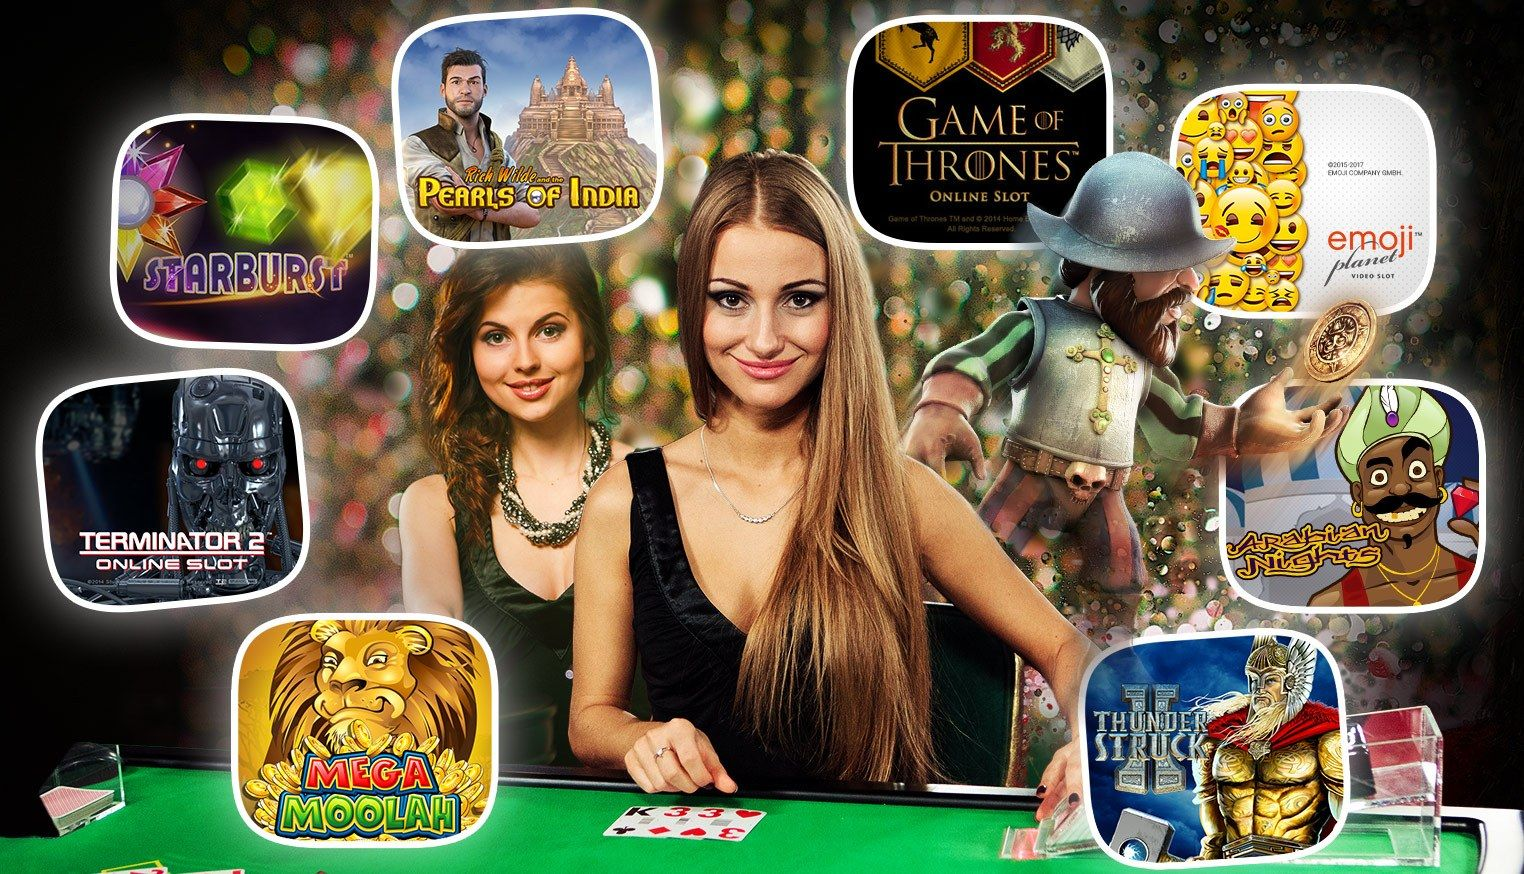 Онлайн казино с бездепозитным бонусом за регистрацию 2015 игровые автоматы павлодар цены